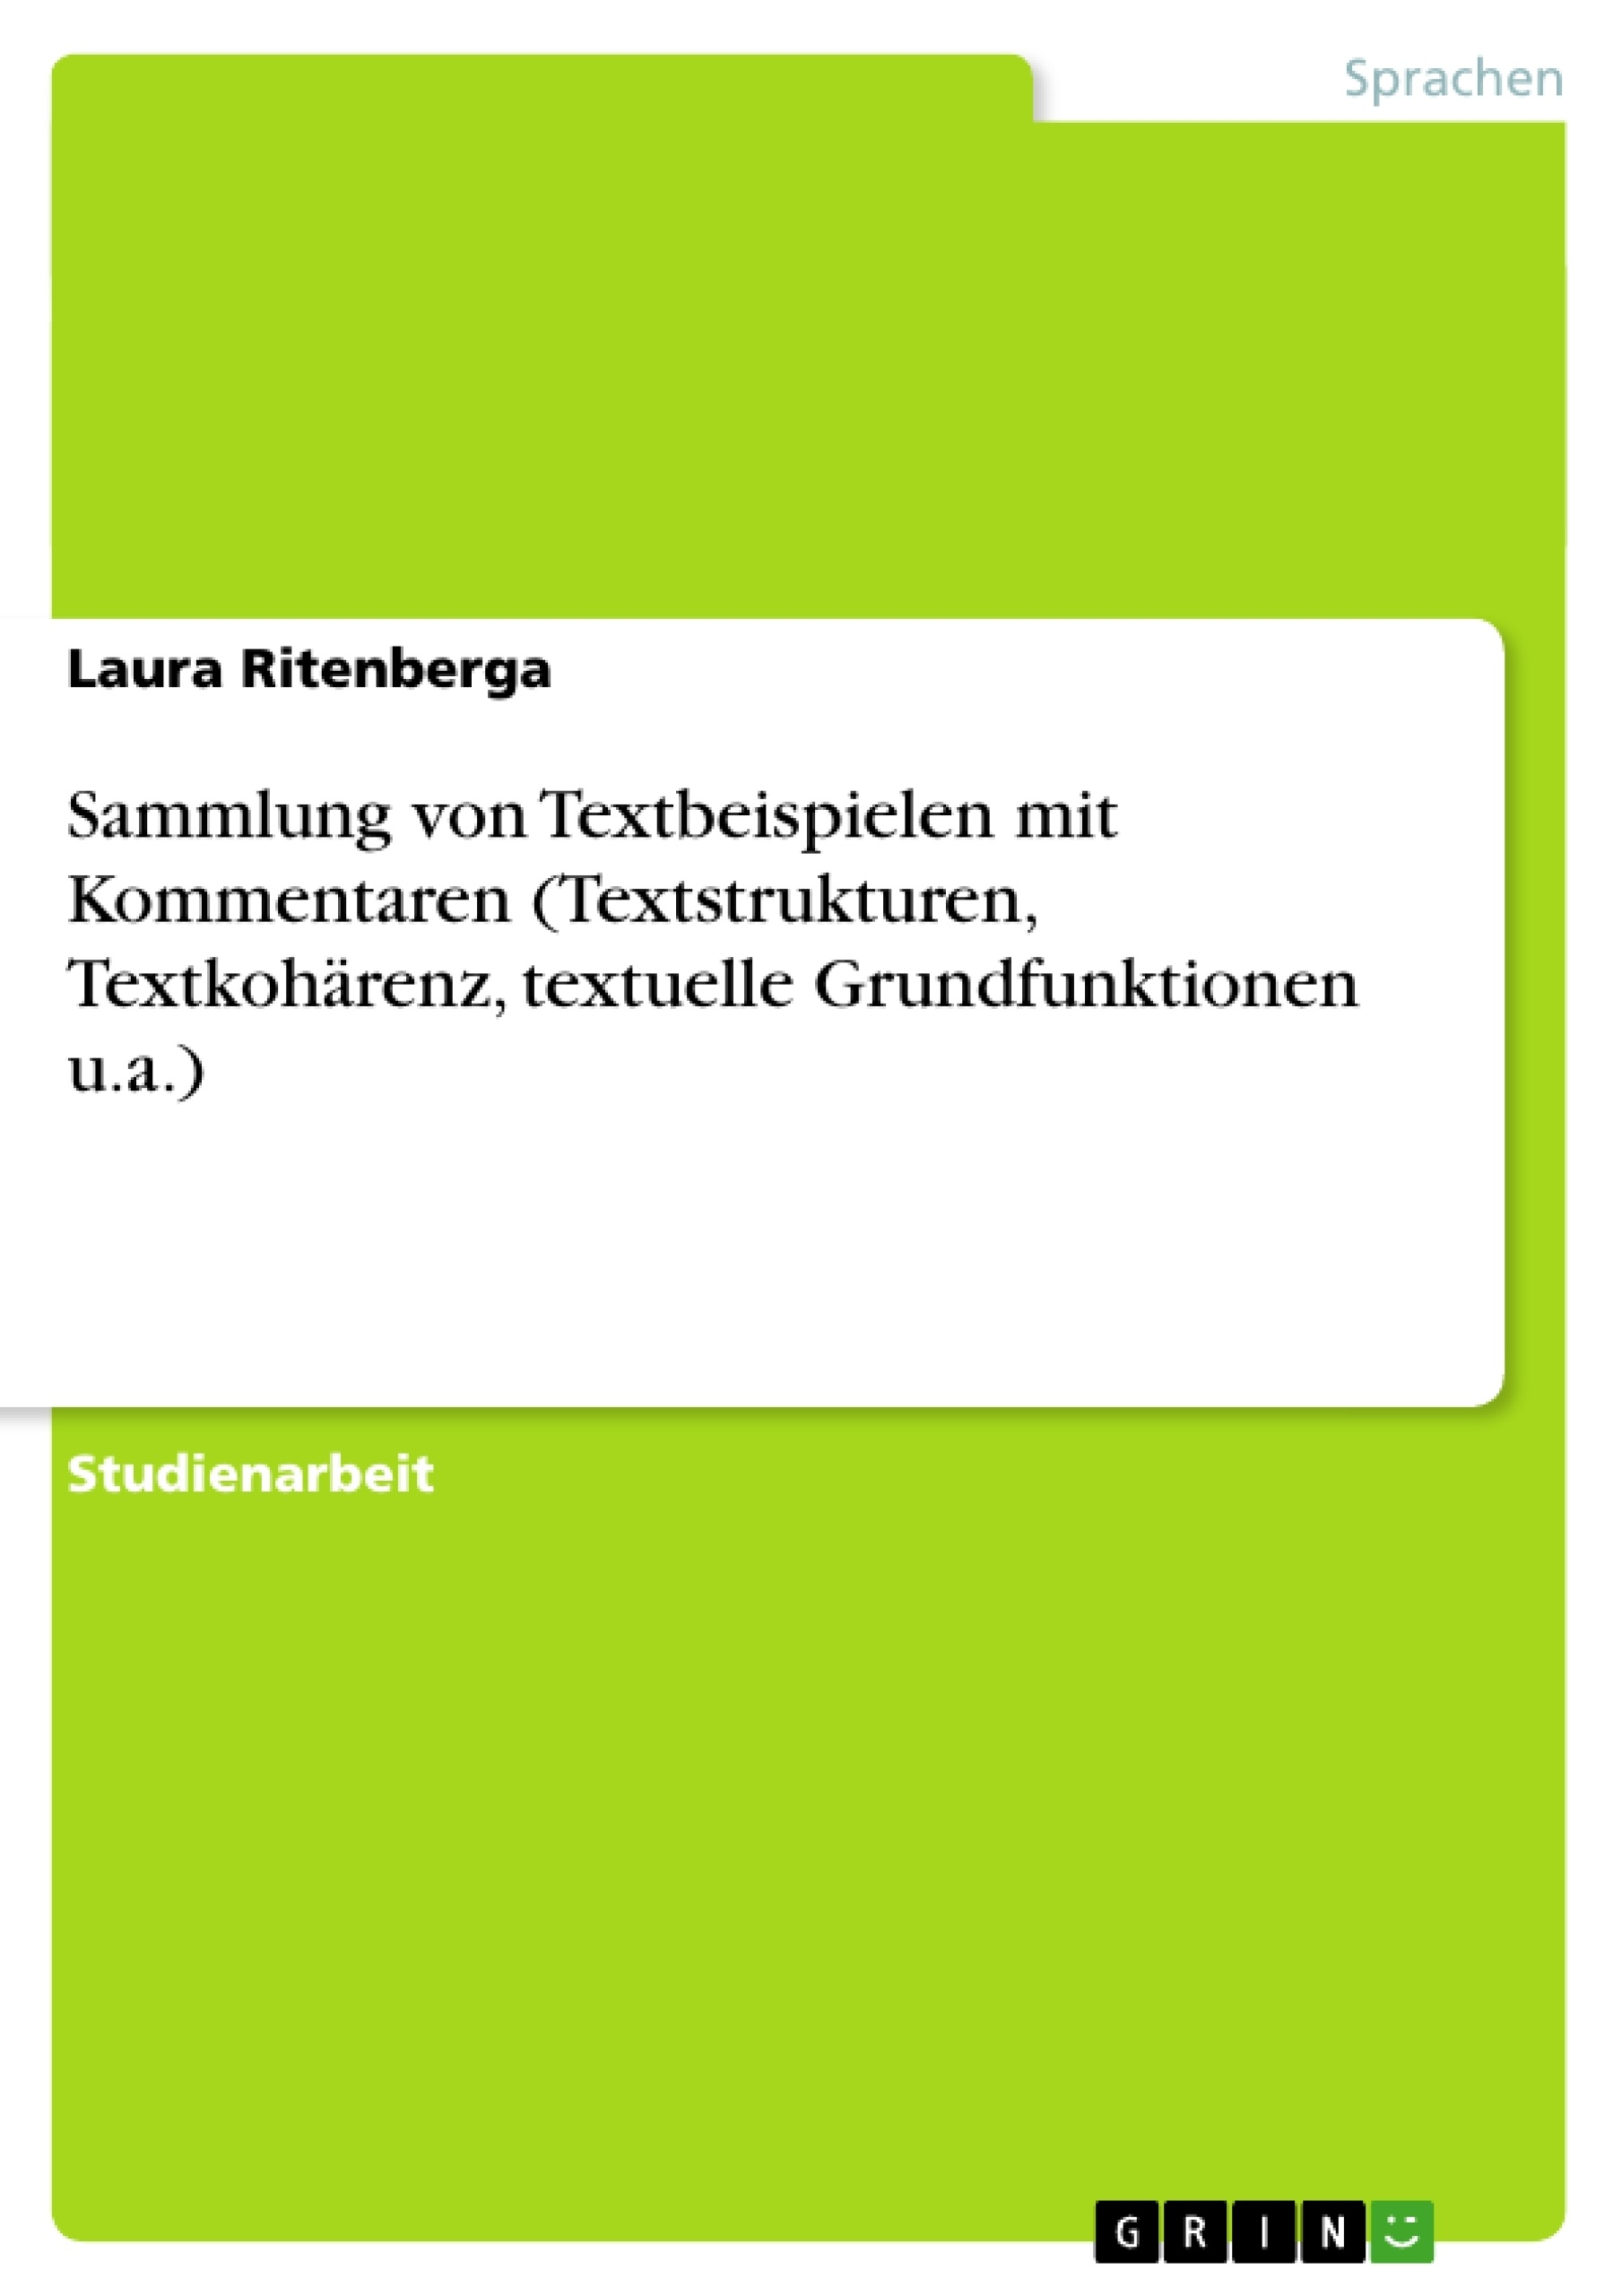 Titel: Sammlung von Textbeispielen mit Kommentaren (Textstrukturen, Textkohärenz, textuelle Grundfunktionen u.a.)